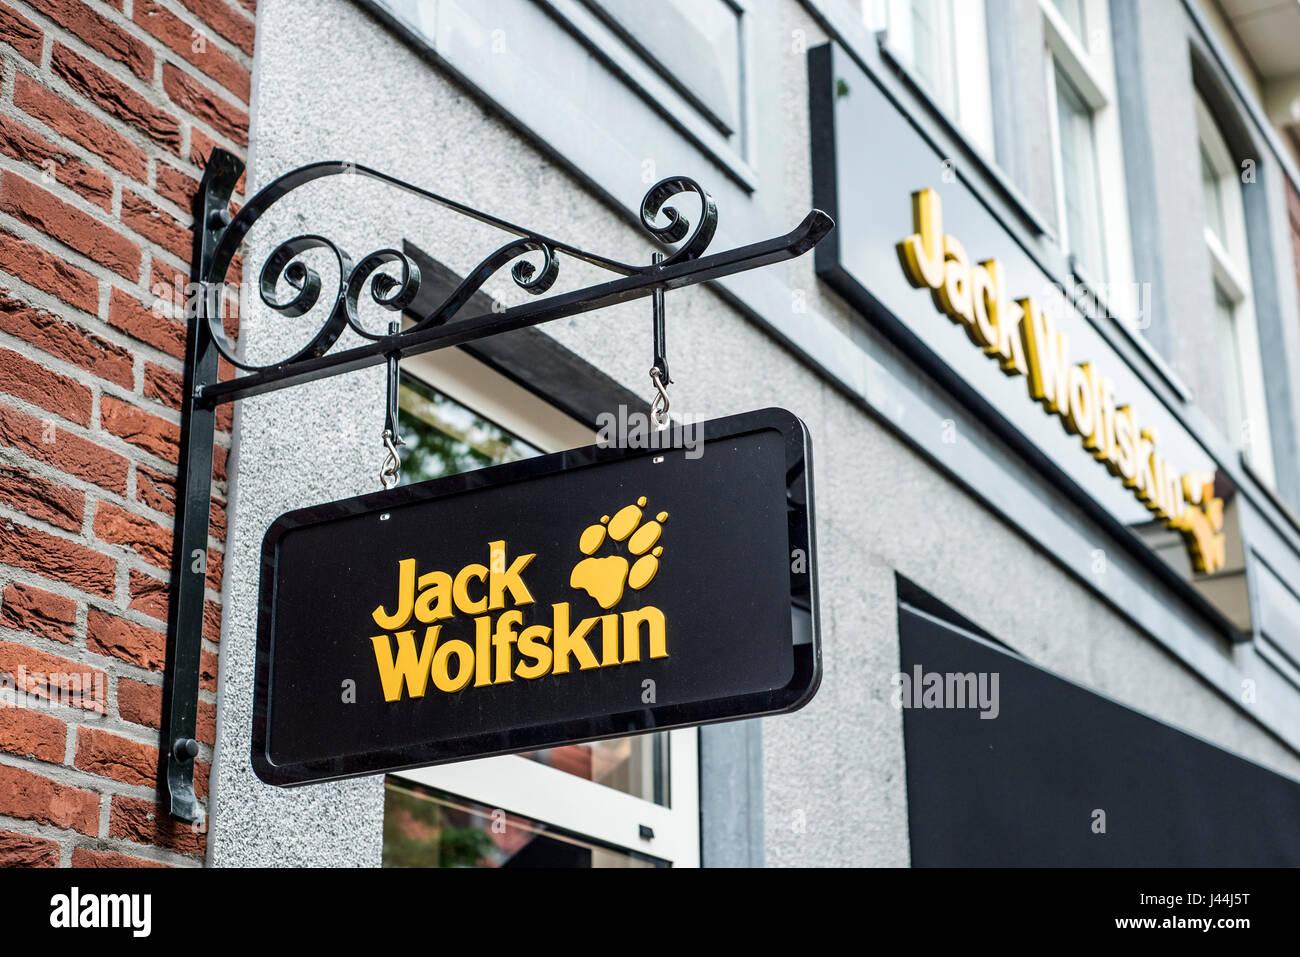 9a75650eb12220 Roermond Niederlande 07.05.2017 - Logo von Jack Wolfskin Outdoor Kleidung  Shop Mc Arthur Glen Designer Outlet shopping-Bereich